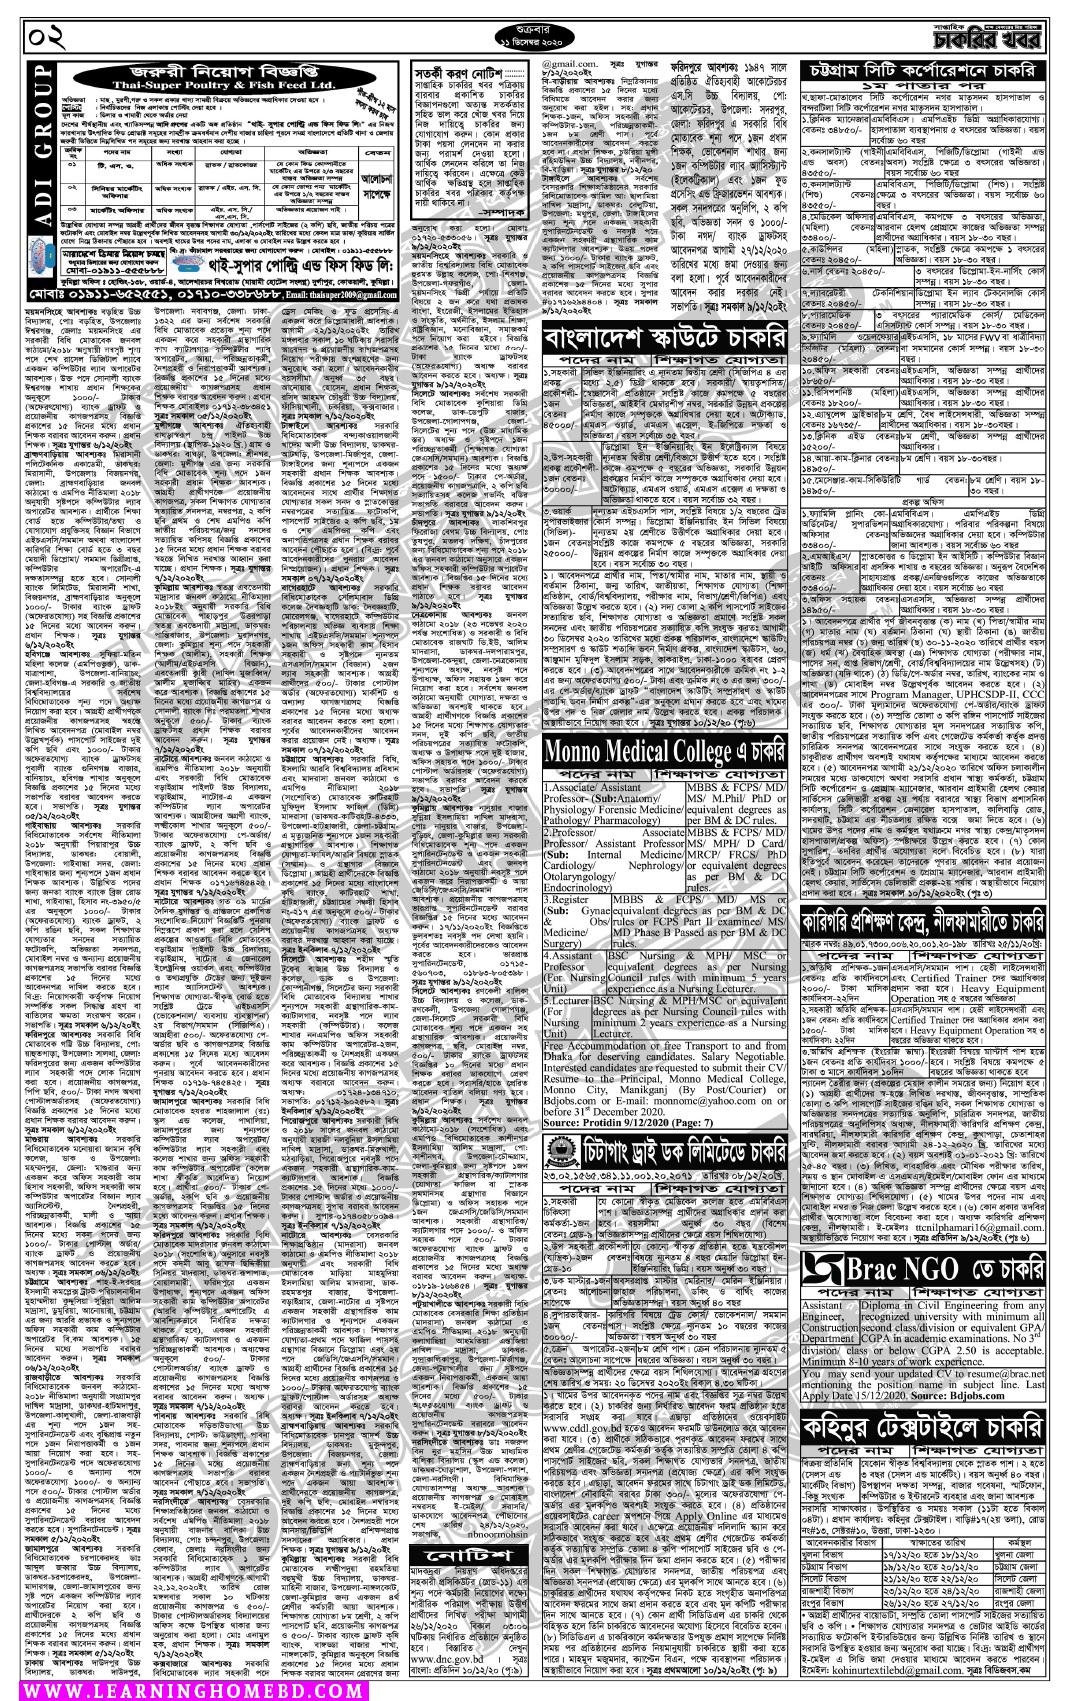 weekly-JOB-Newspaper-Dec-20-2